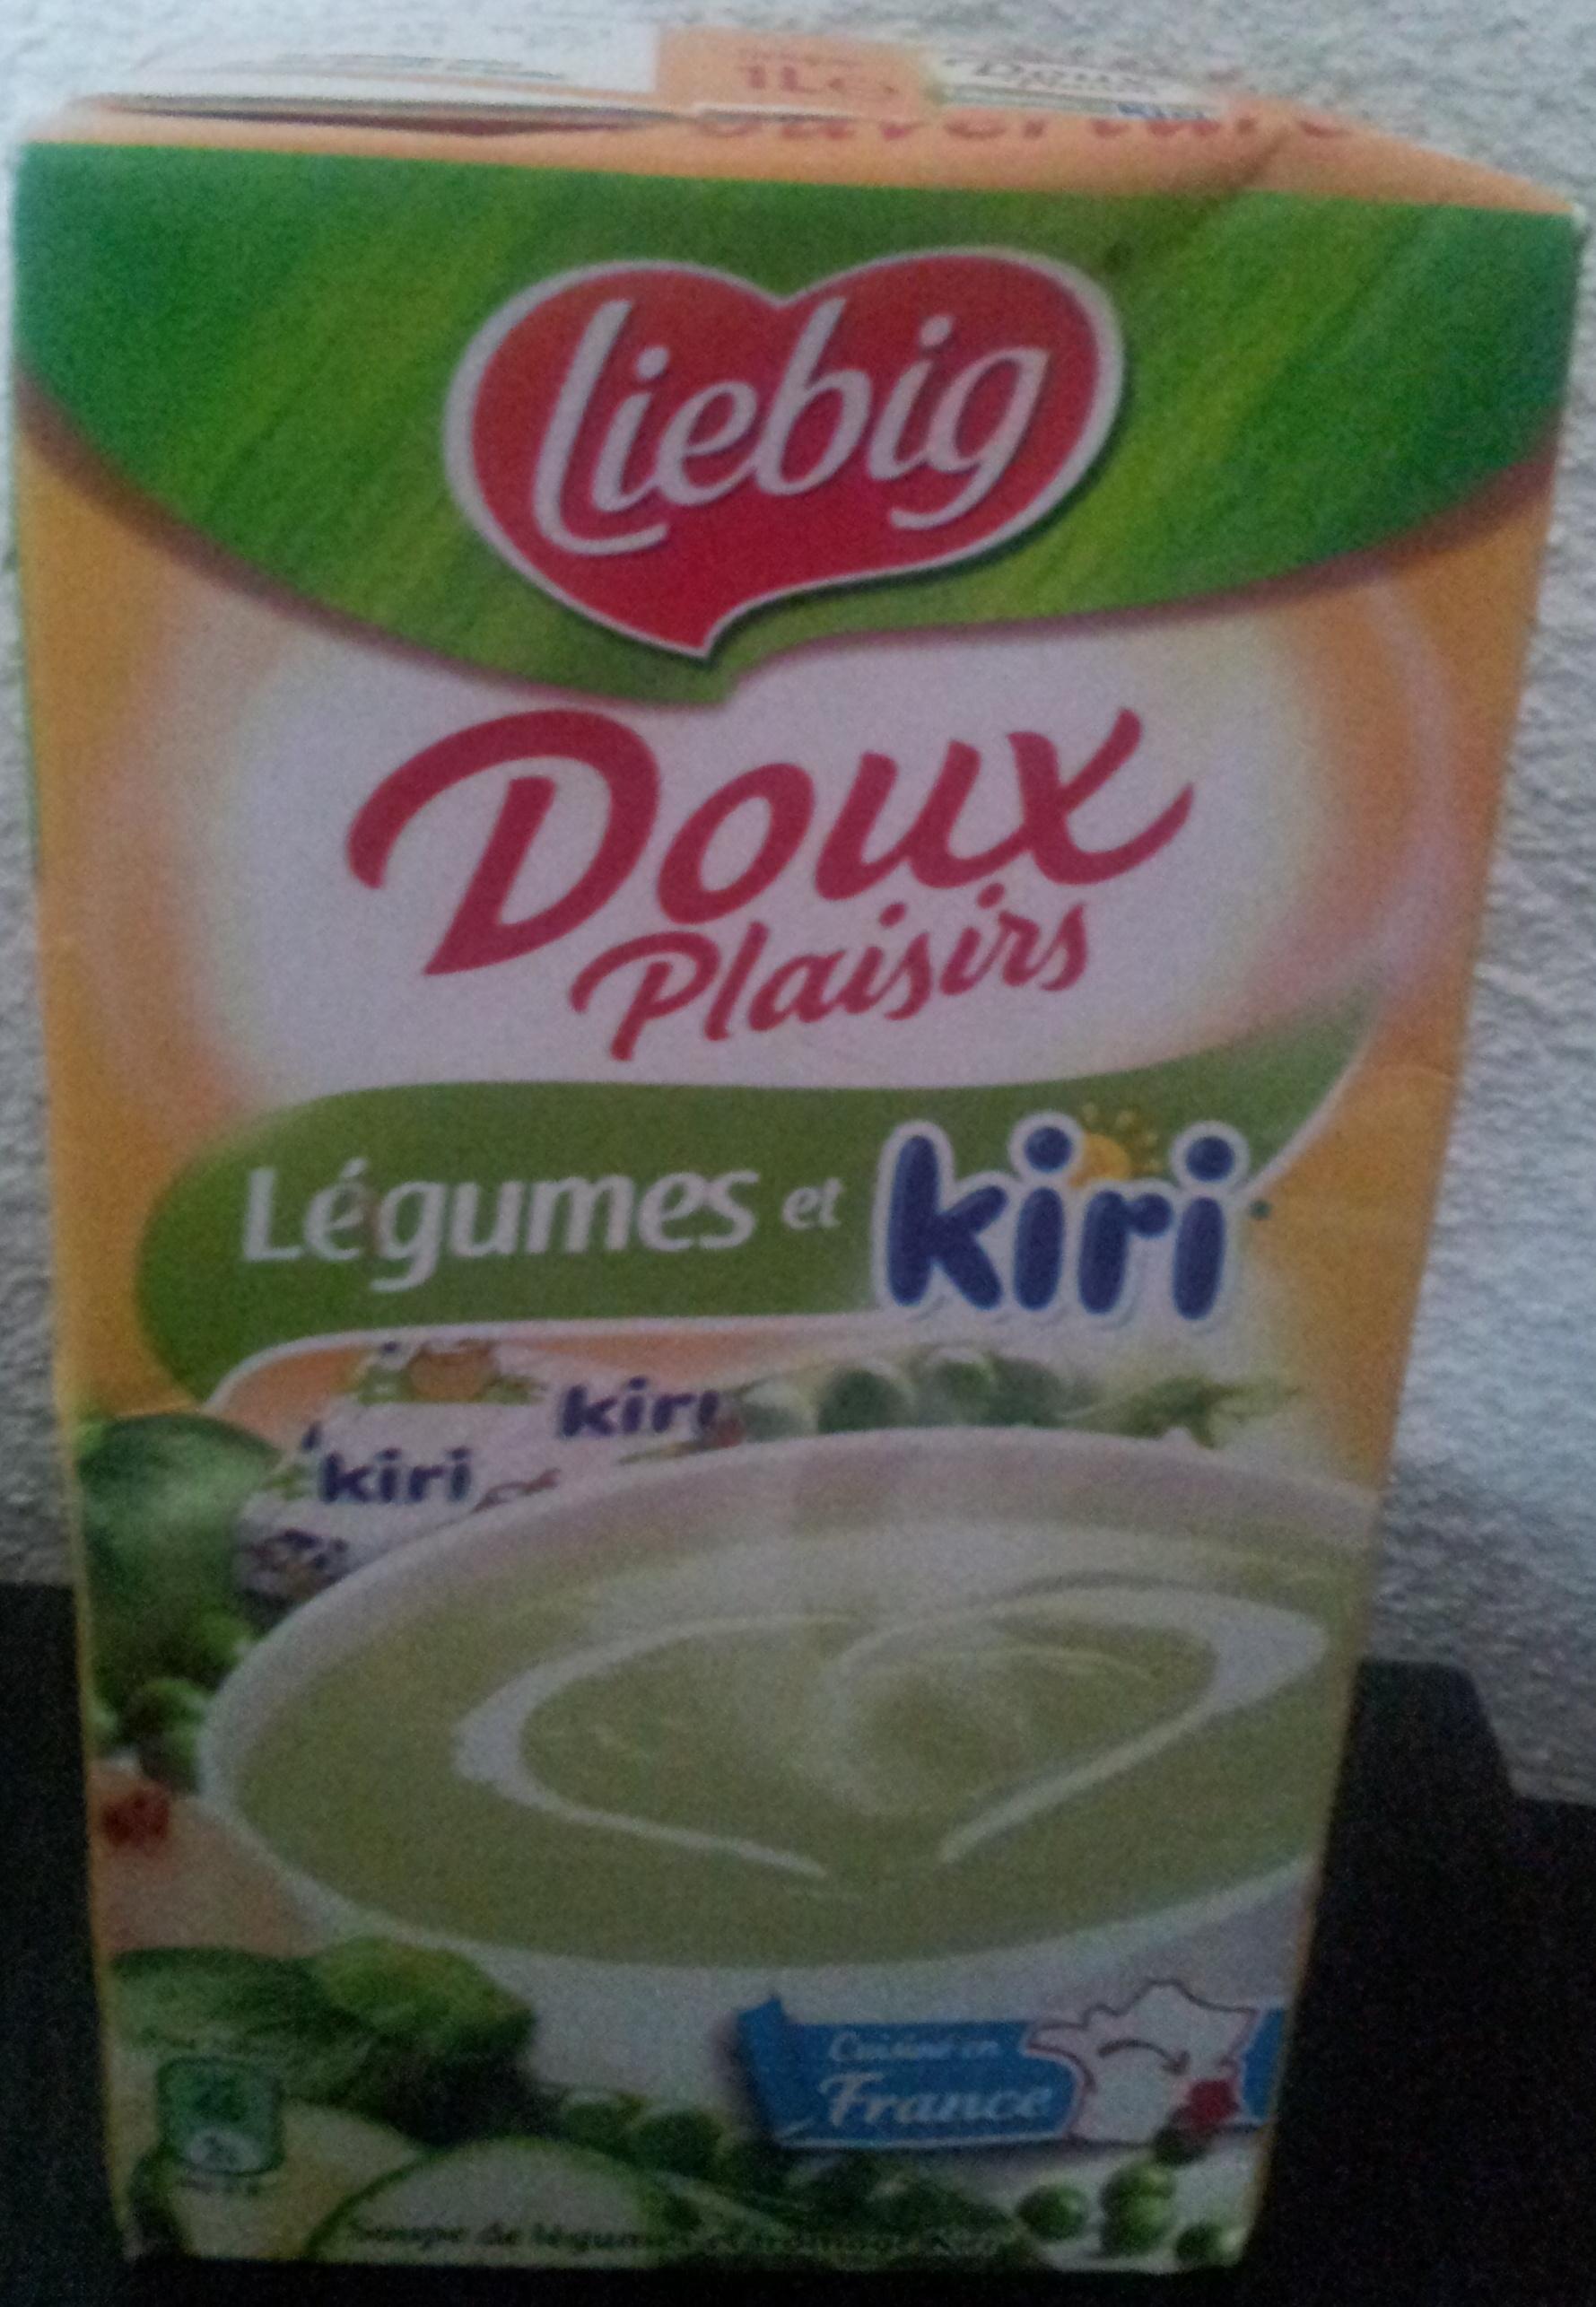 Doux plaisirs - Légumes et kiri - Produit - fr